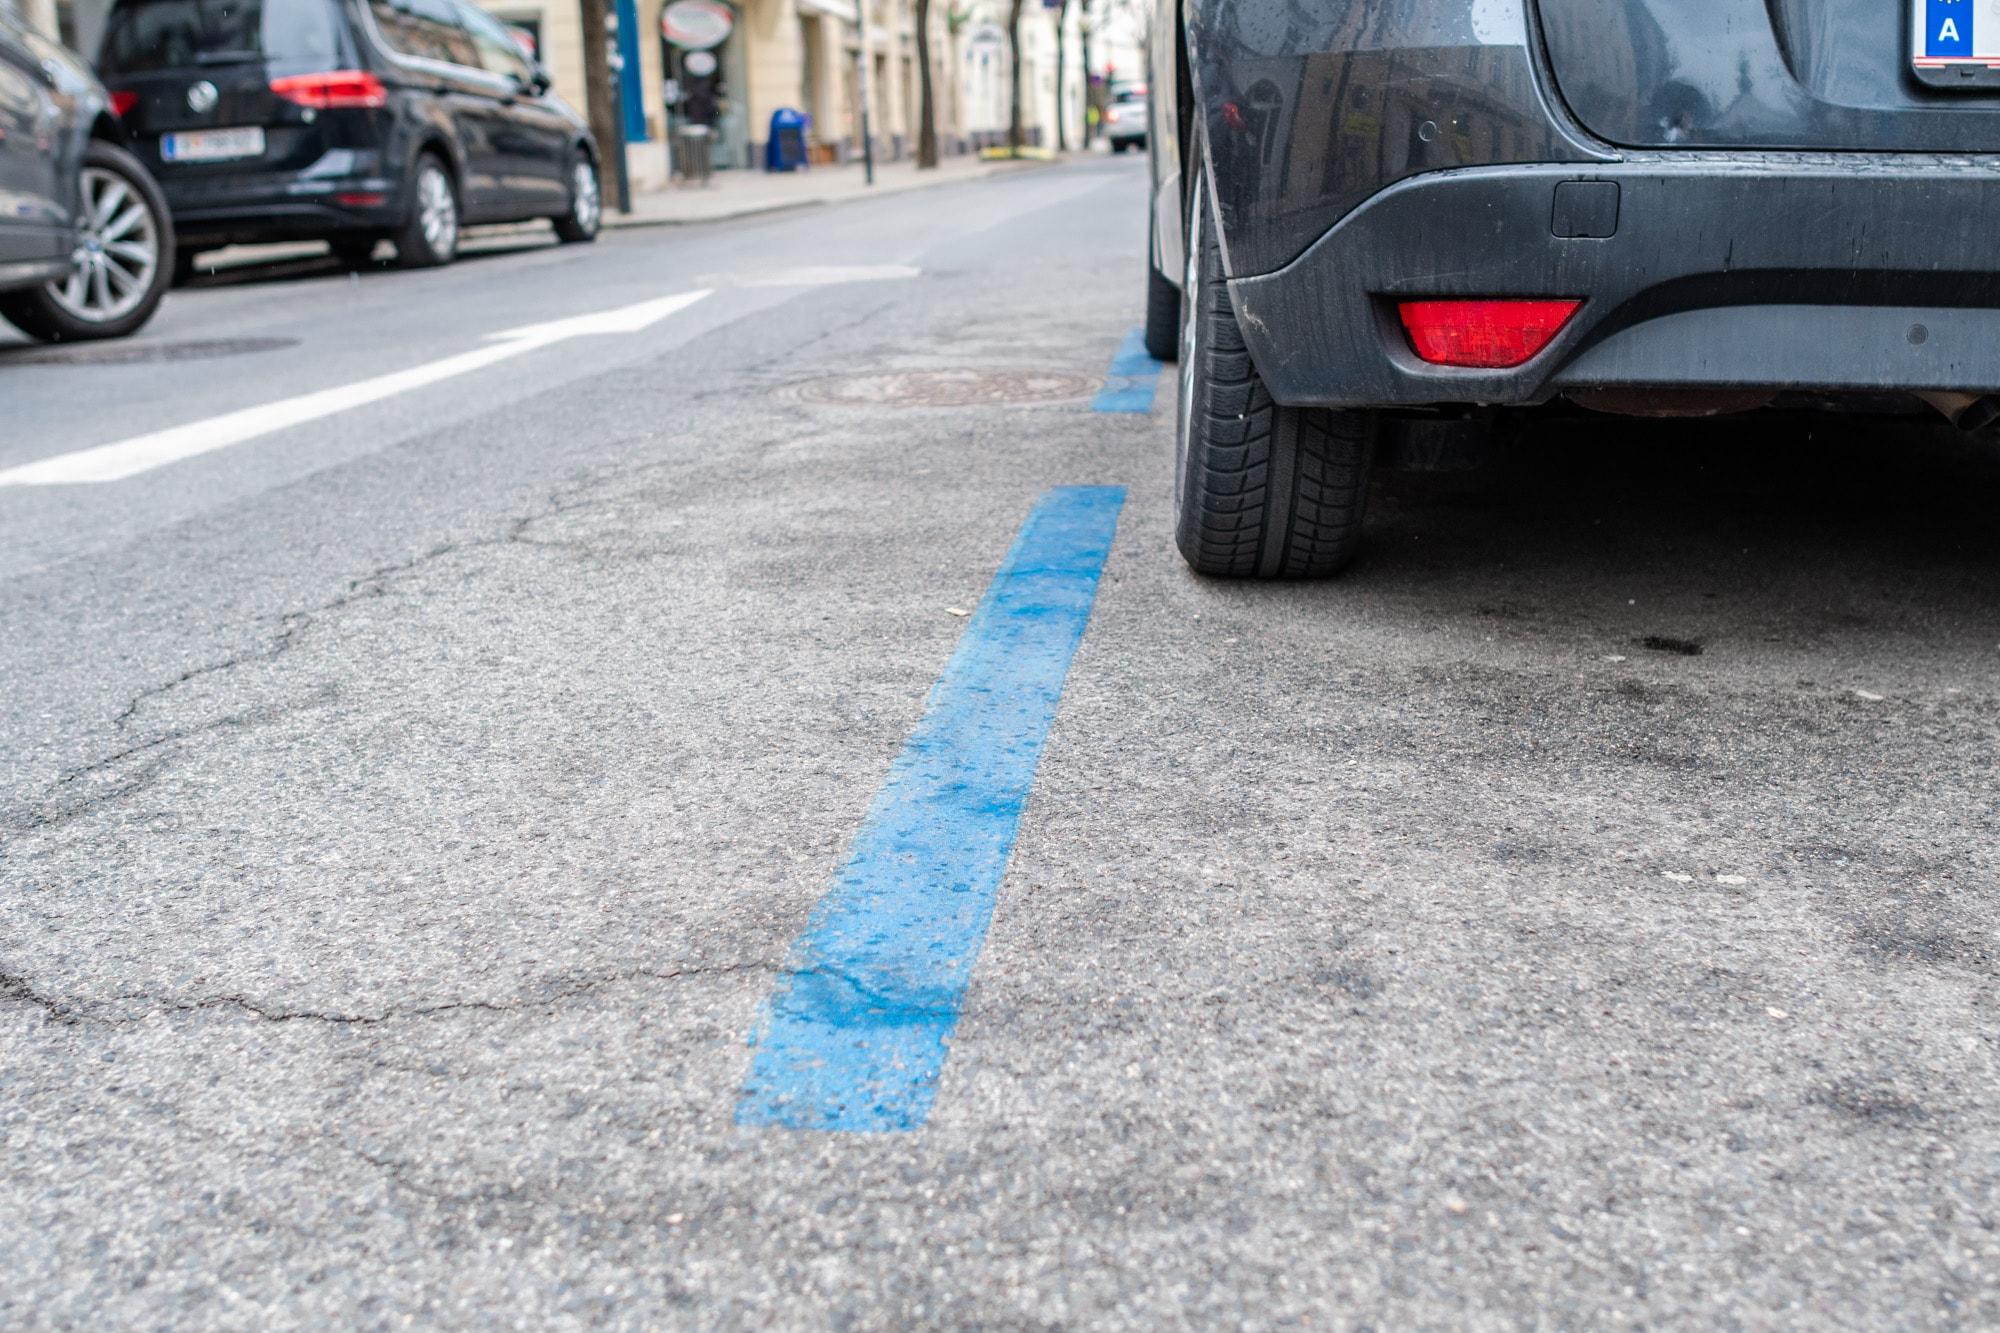 blaue Zone, Kurzparkzone, Parken in 9020 Klagenfurt am Wörthersee